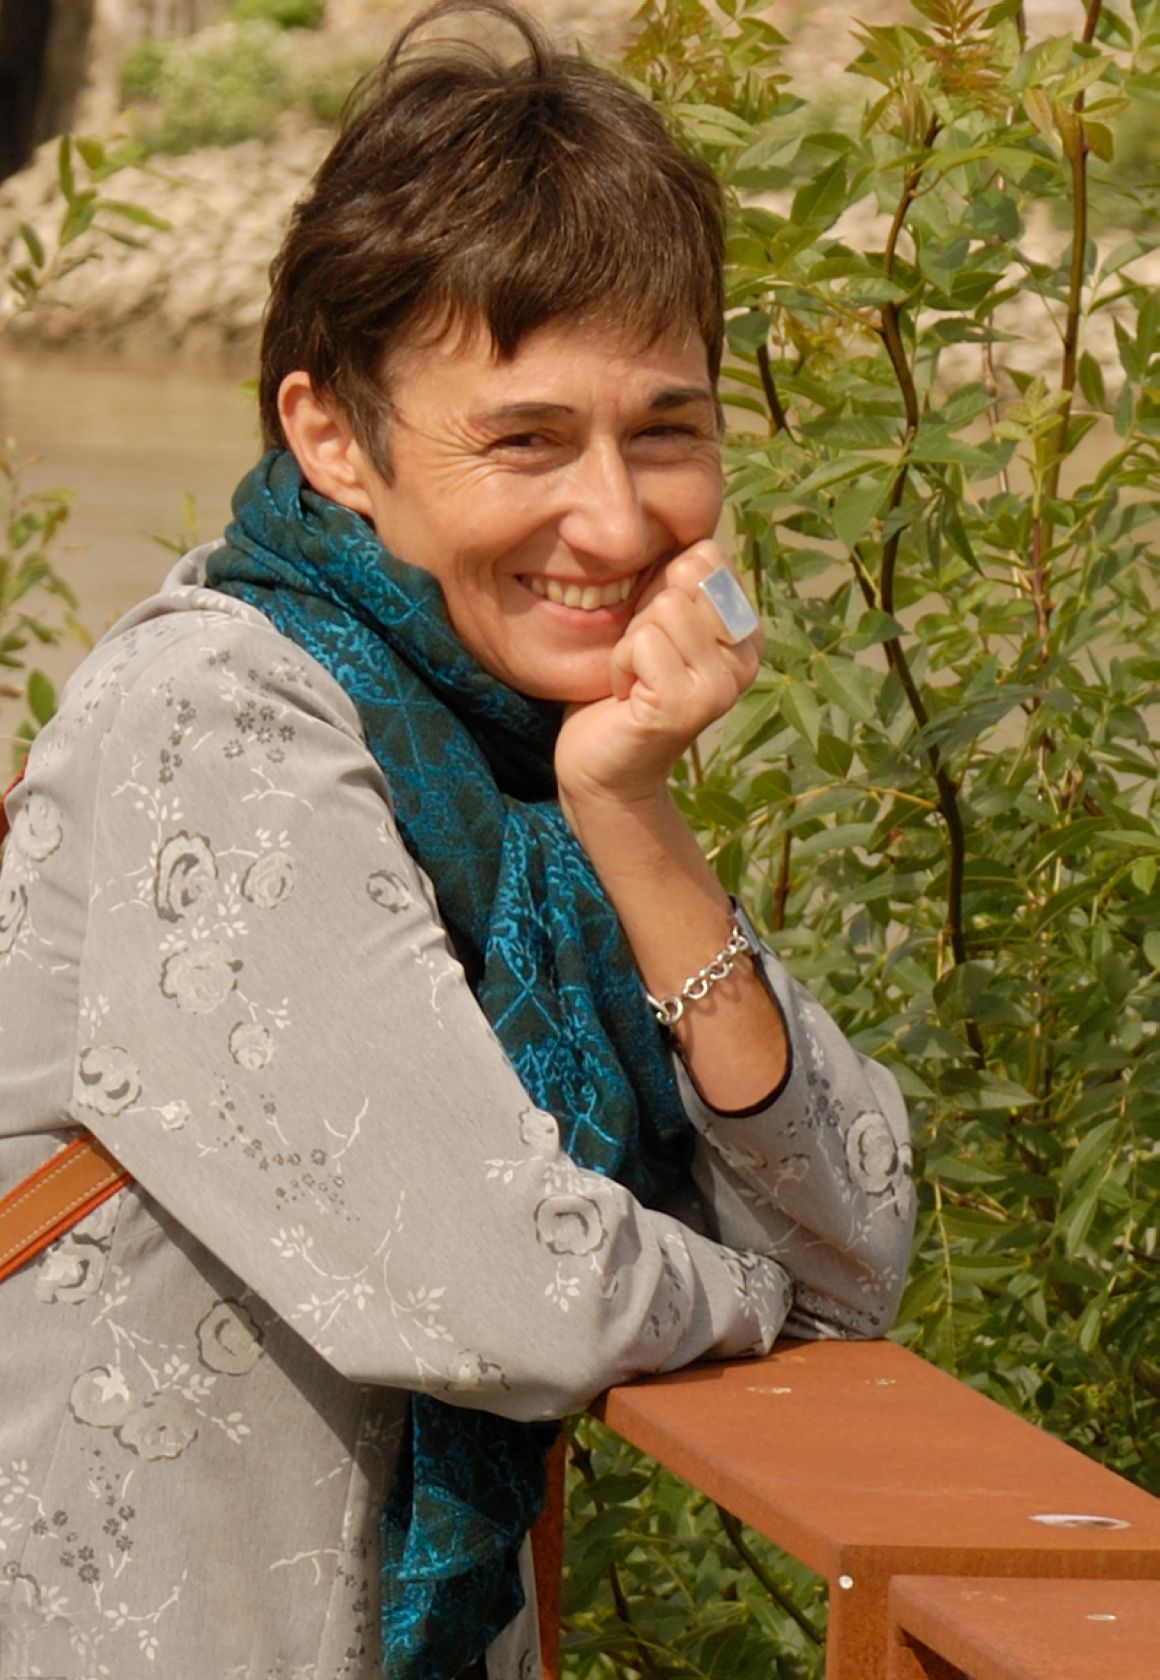 EmmanuelleBoblet